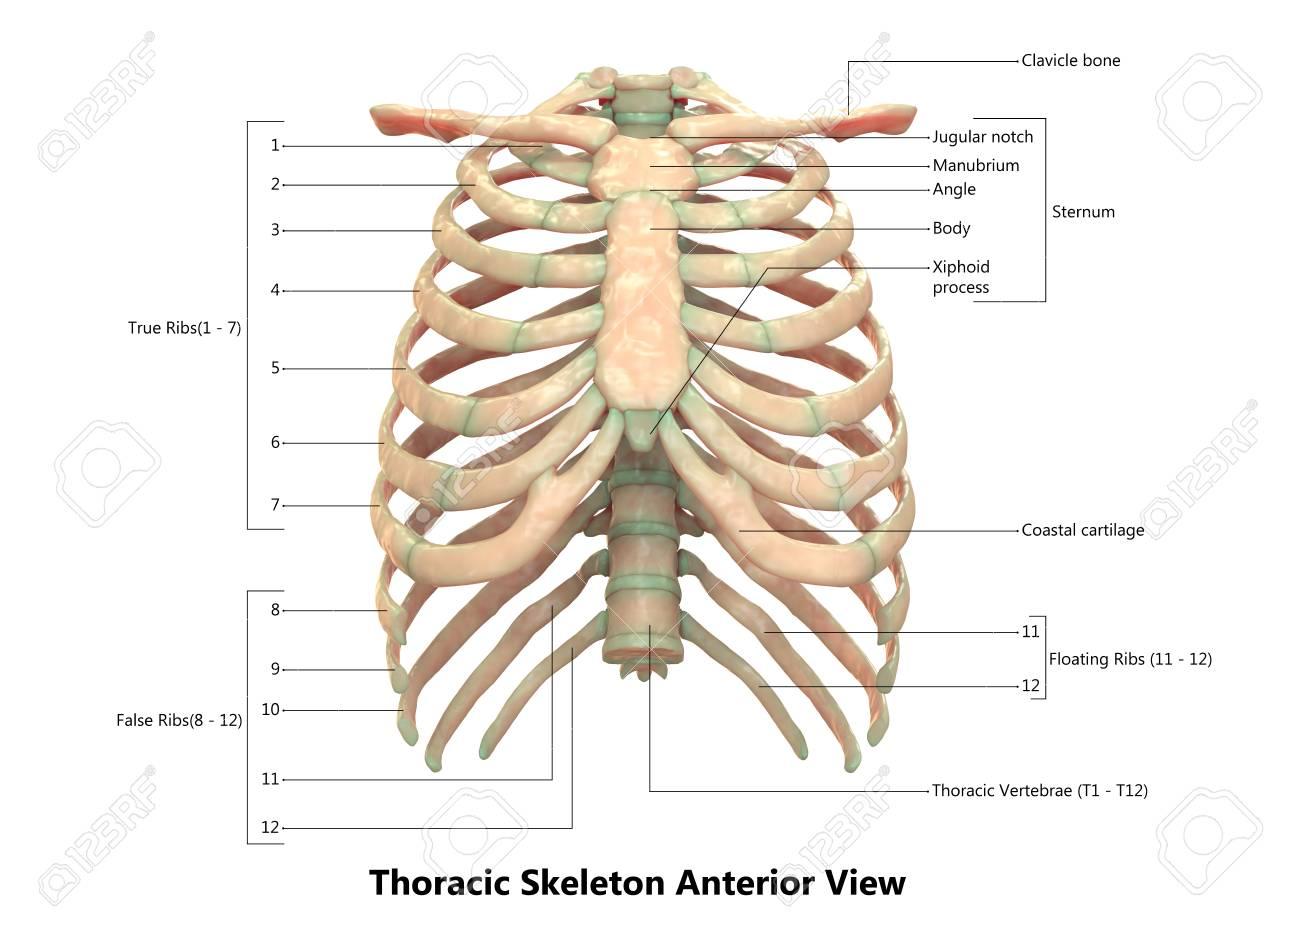 Human Skeleton System Thoracic Skeleton Anatomy Anterior View